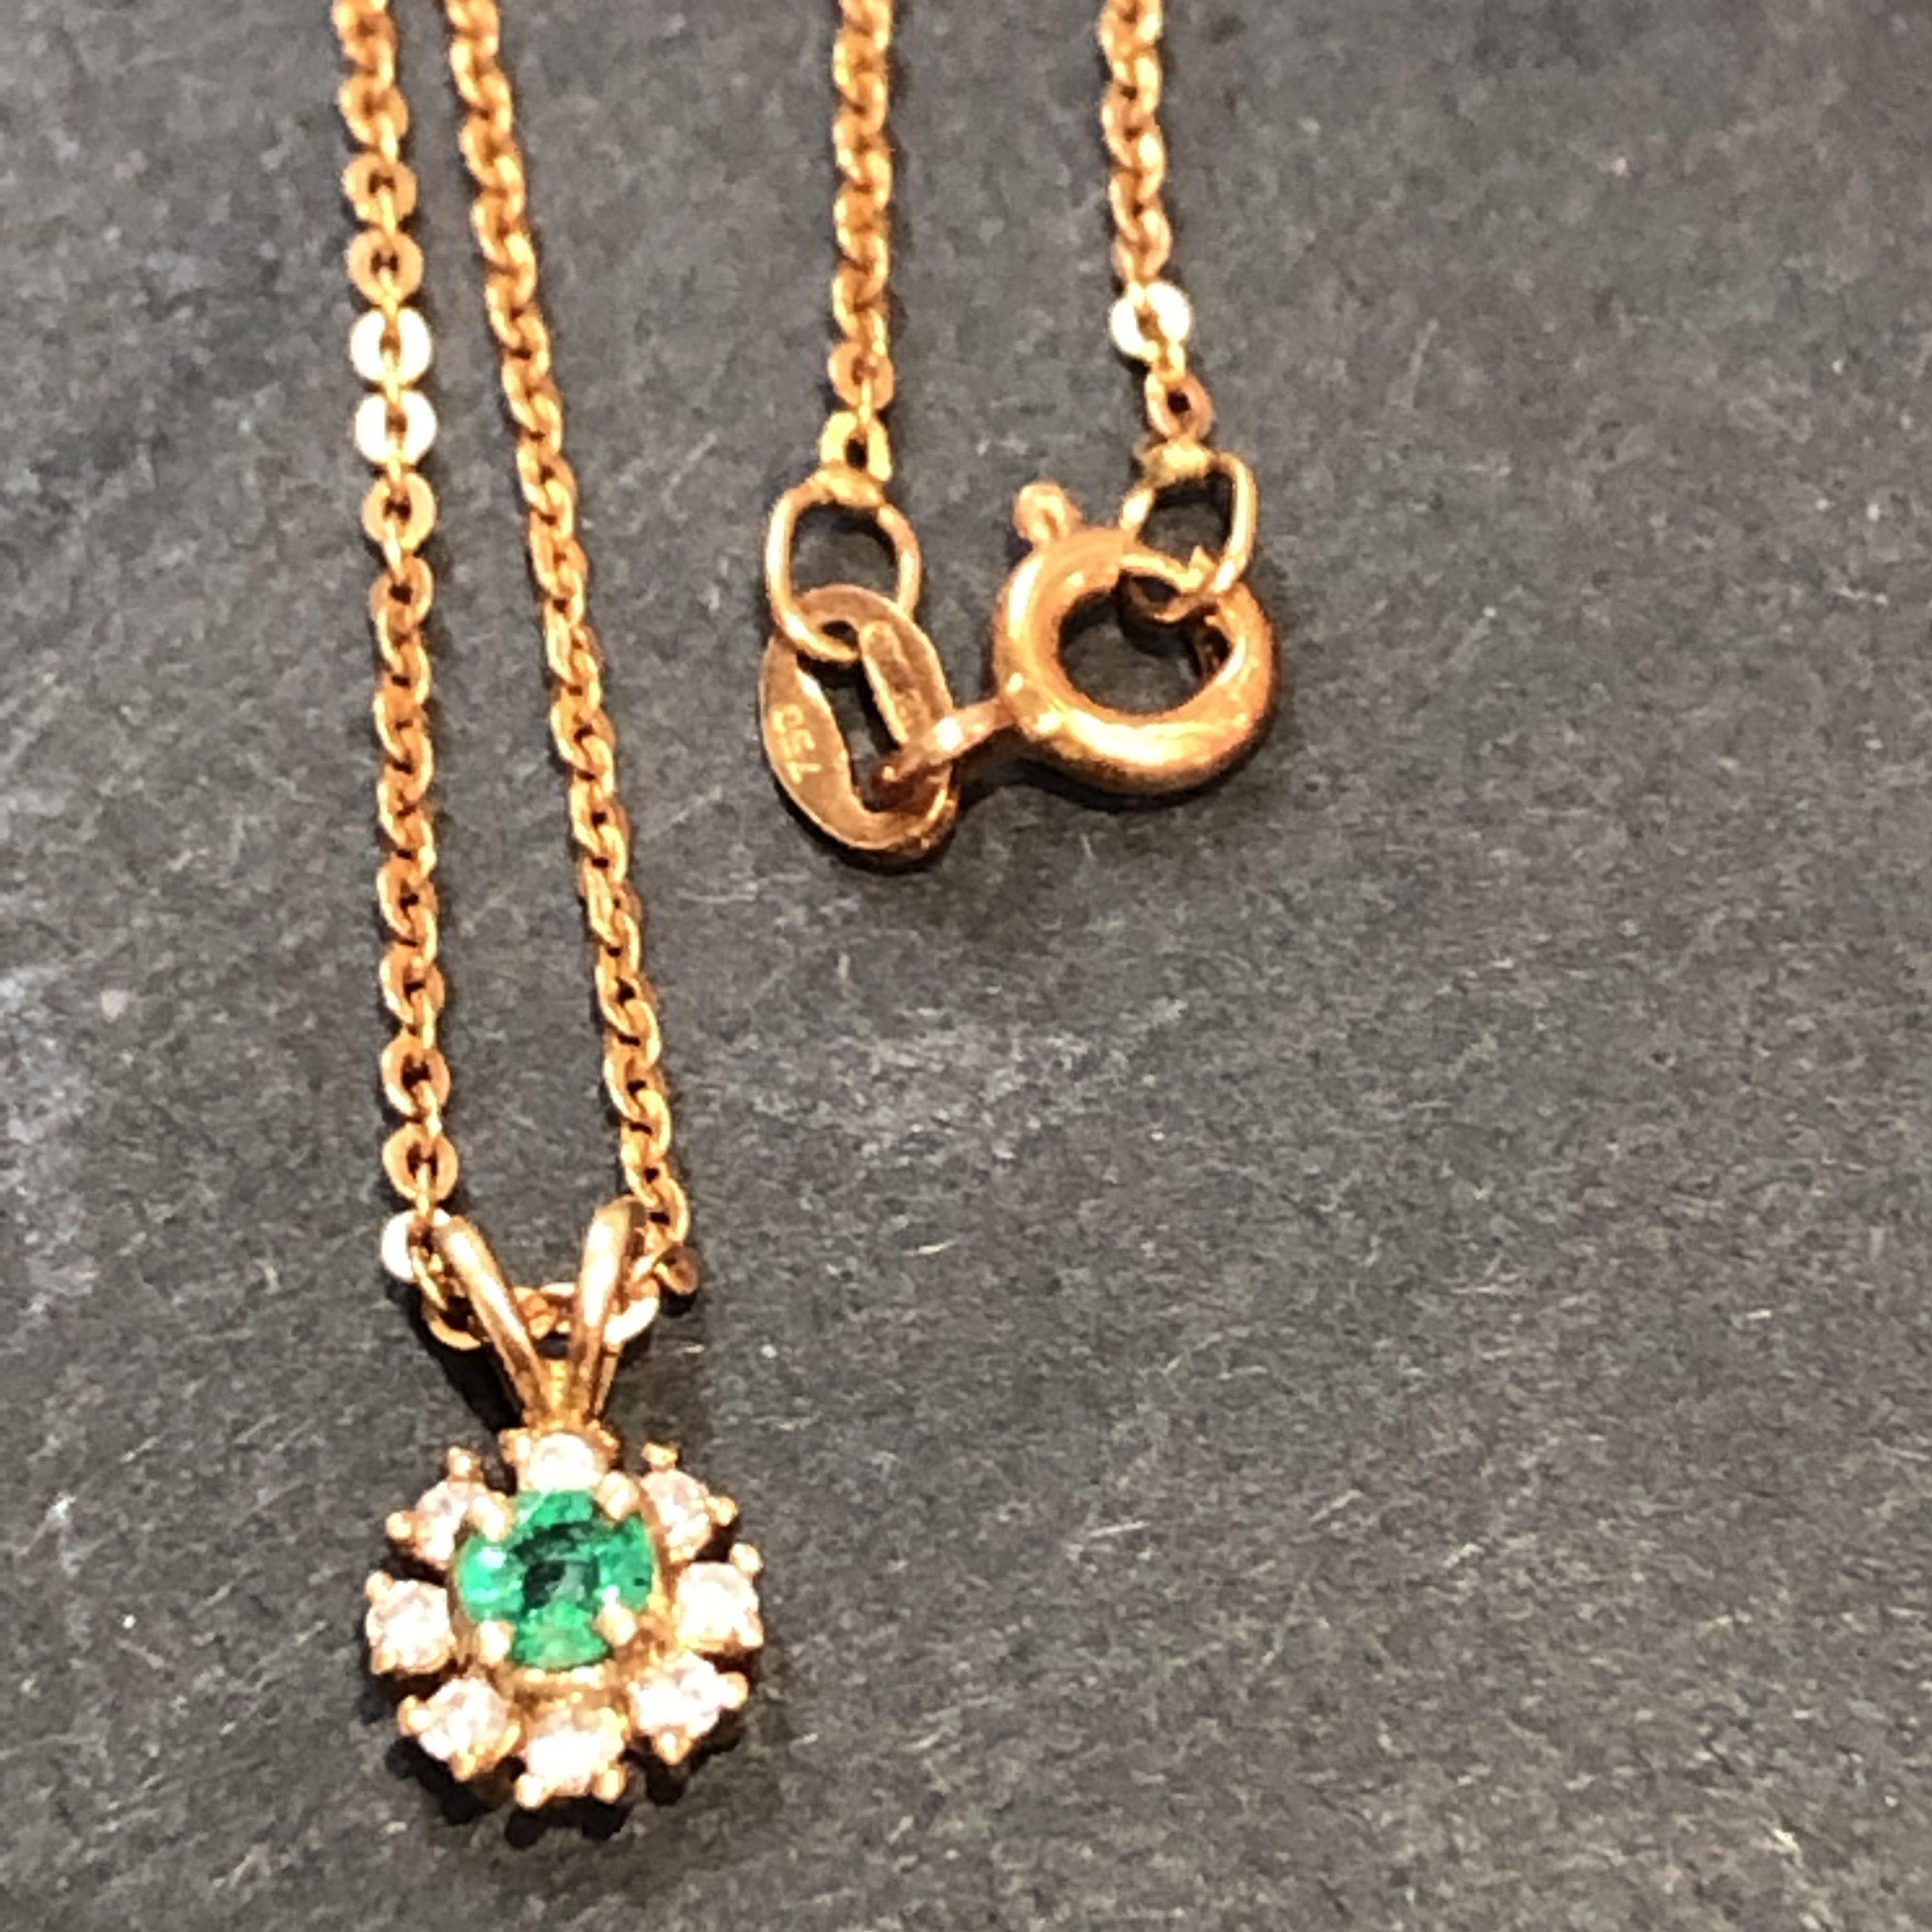 金 貴金属 ネックレス エメラルド ダイヤ 買取 高額買取